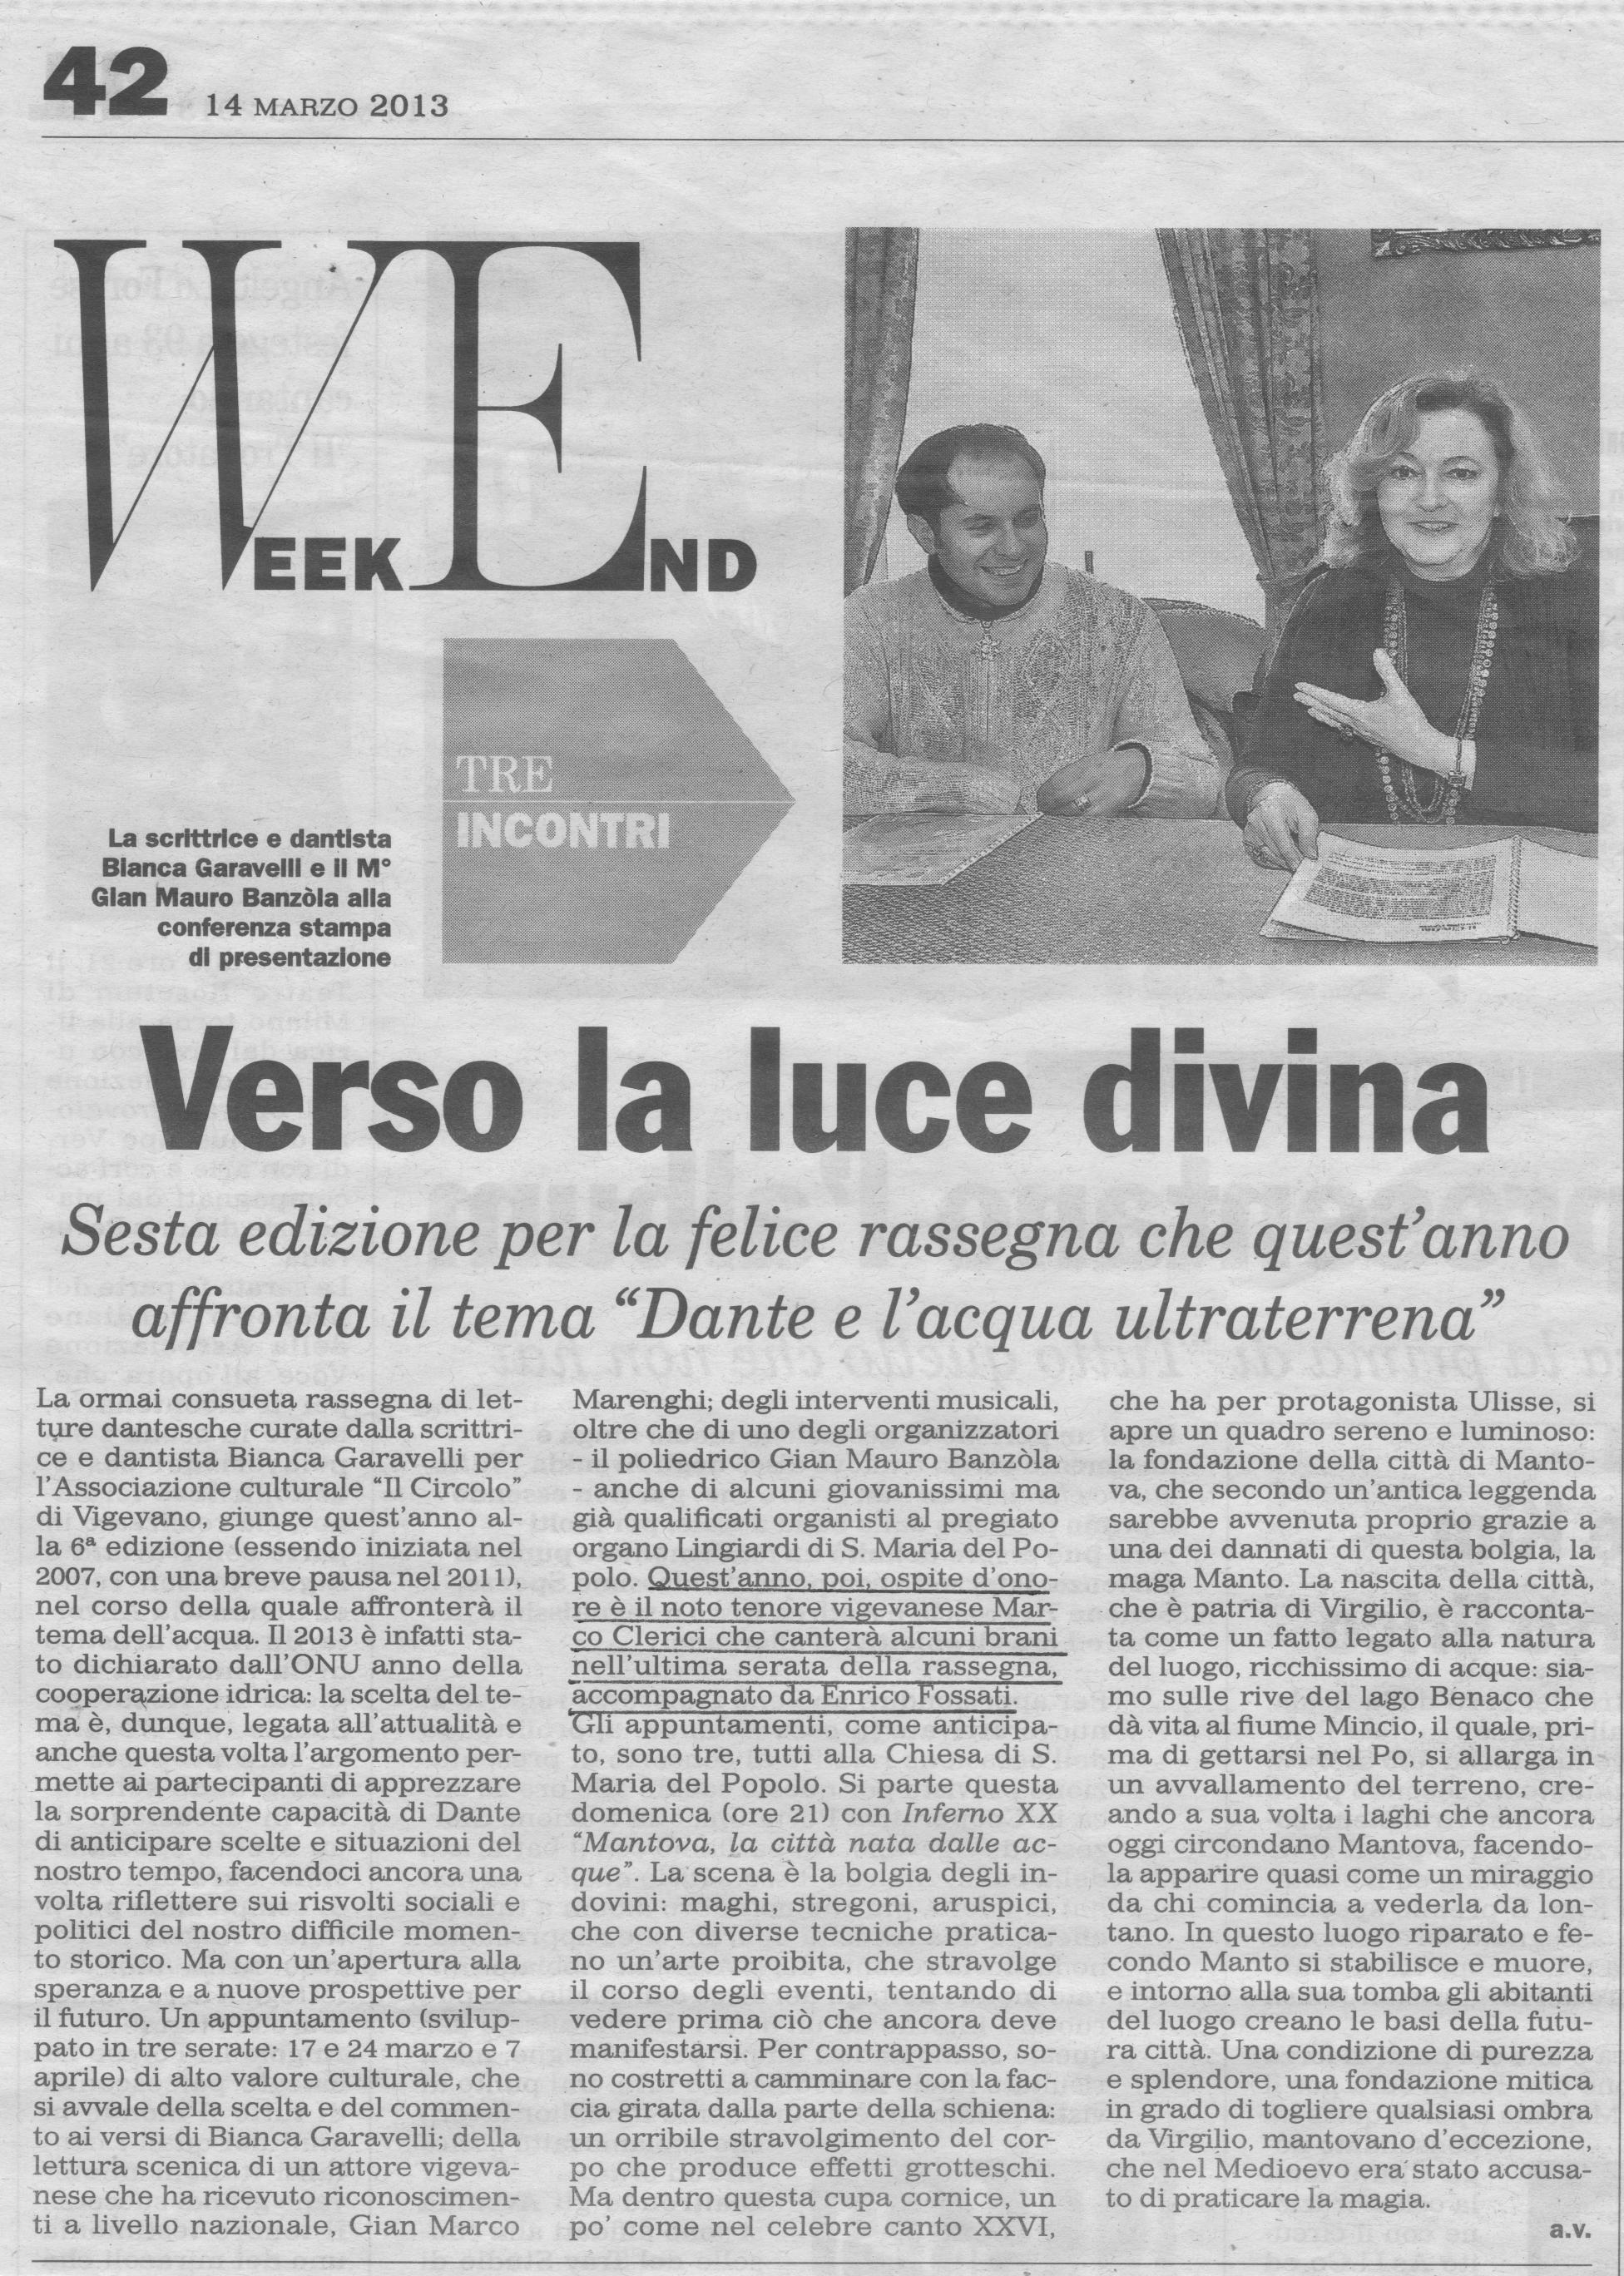 Bianca Garavelli legge Il Paradiso di Dante con accompagnamento musicale di Marco Clerici ed Enrico Fossati